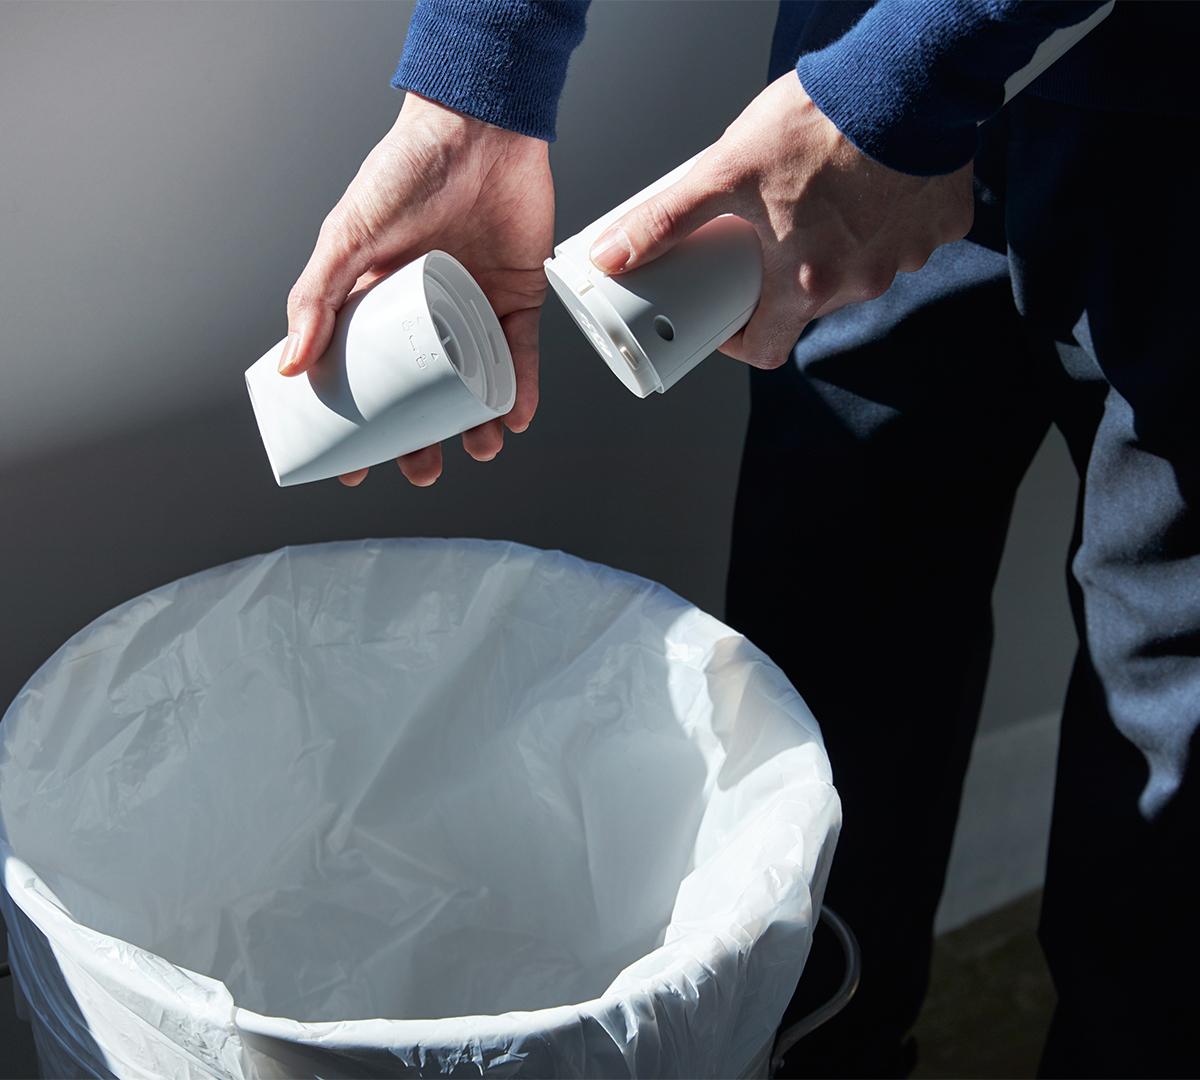 お手入れカンタン!繰り返し使えるフィルター。リビングに馴染むデザイン、ゴミに気づいたら即ハイパワーで吸引できる「ハンディクリーナー」|MONTANC(モンタン)